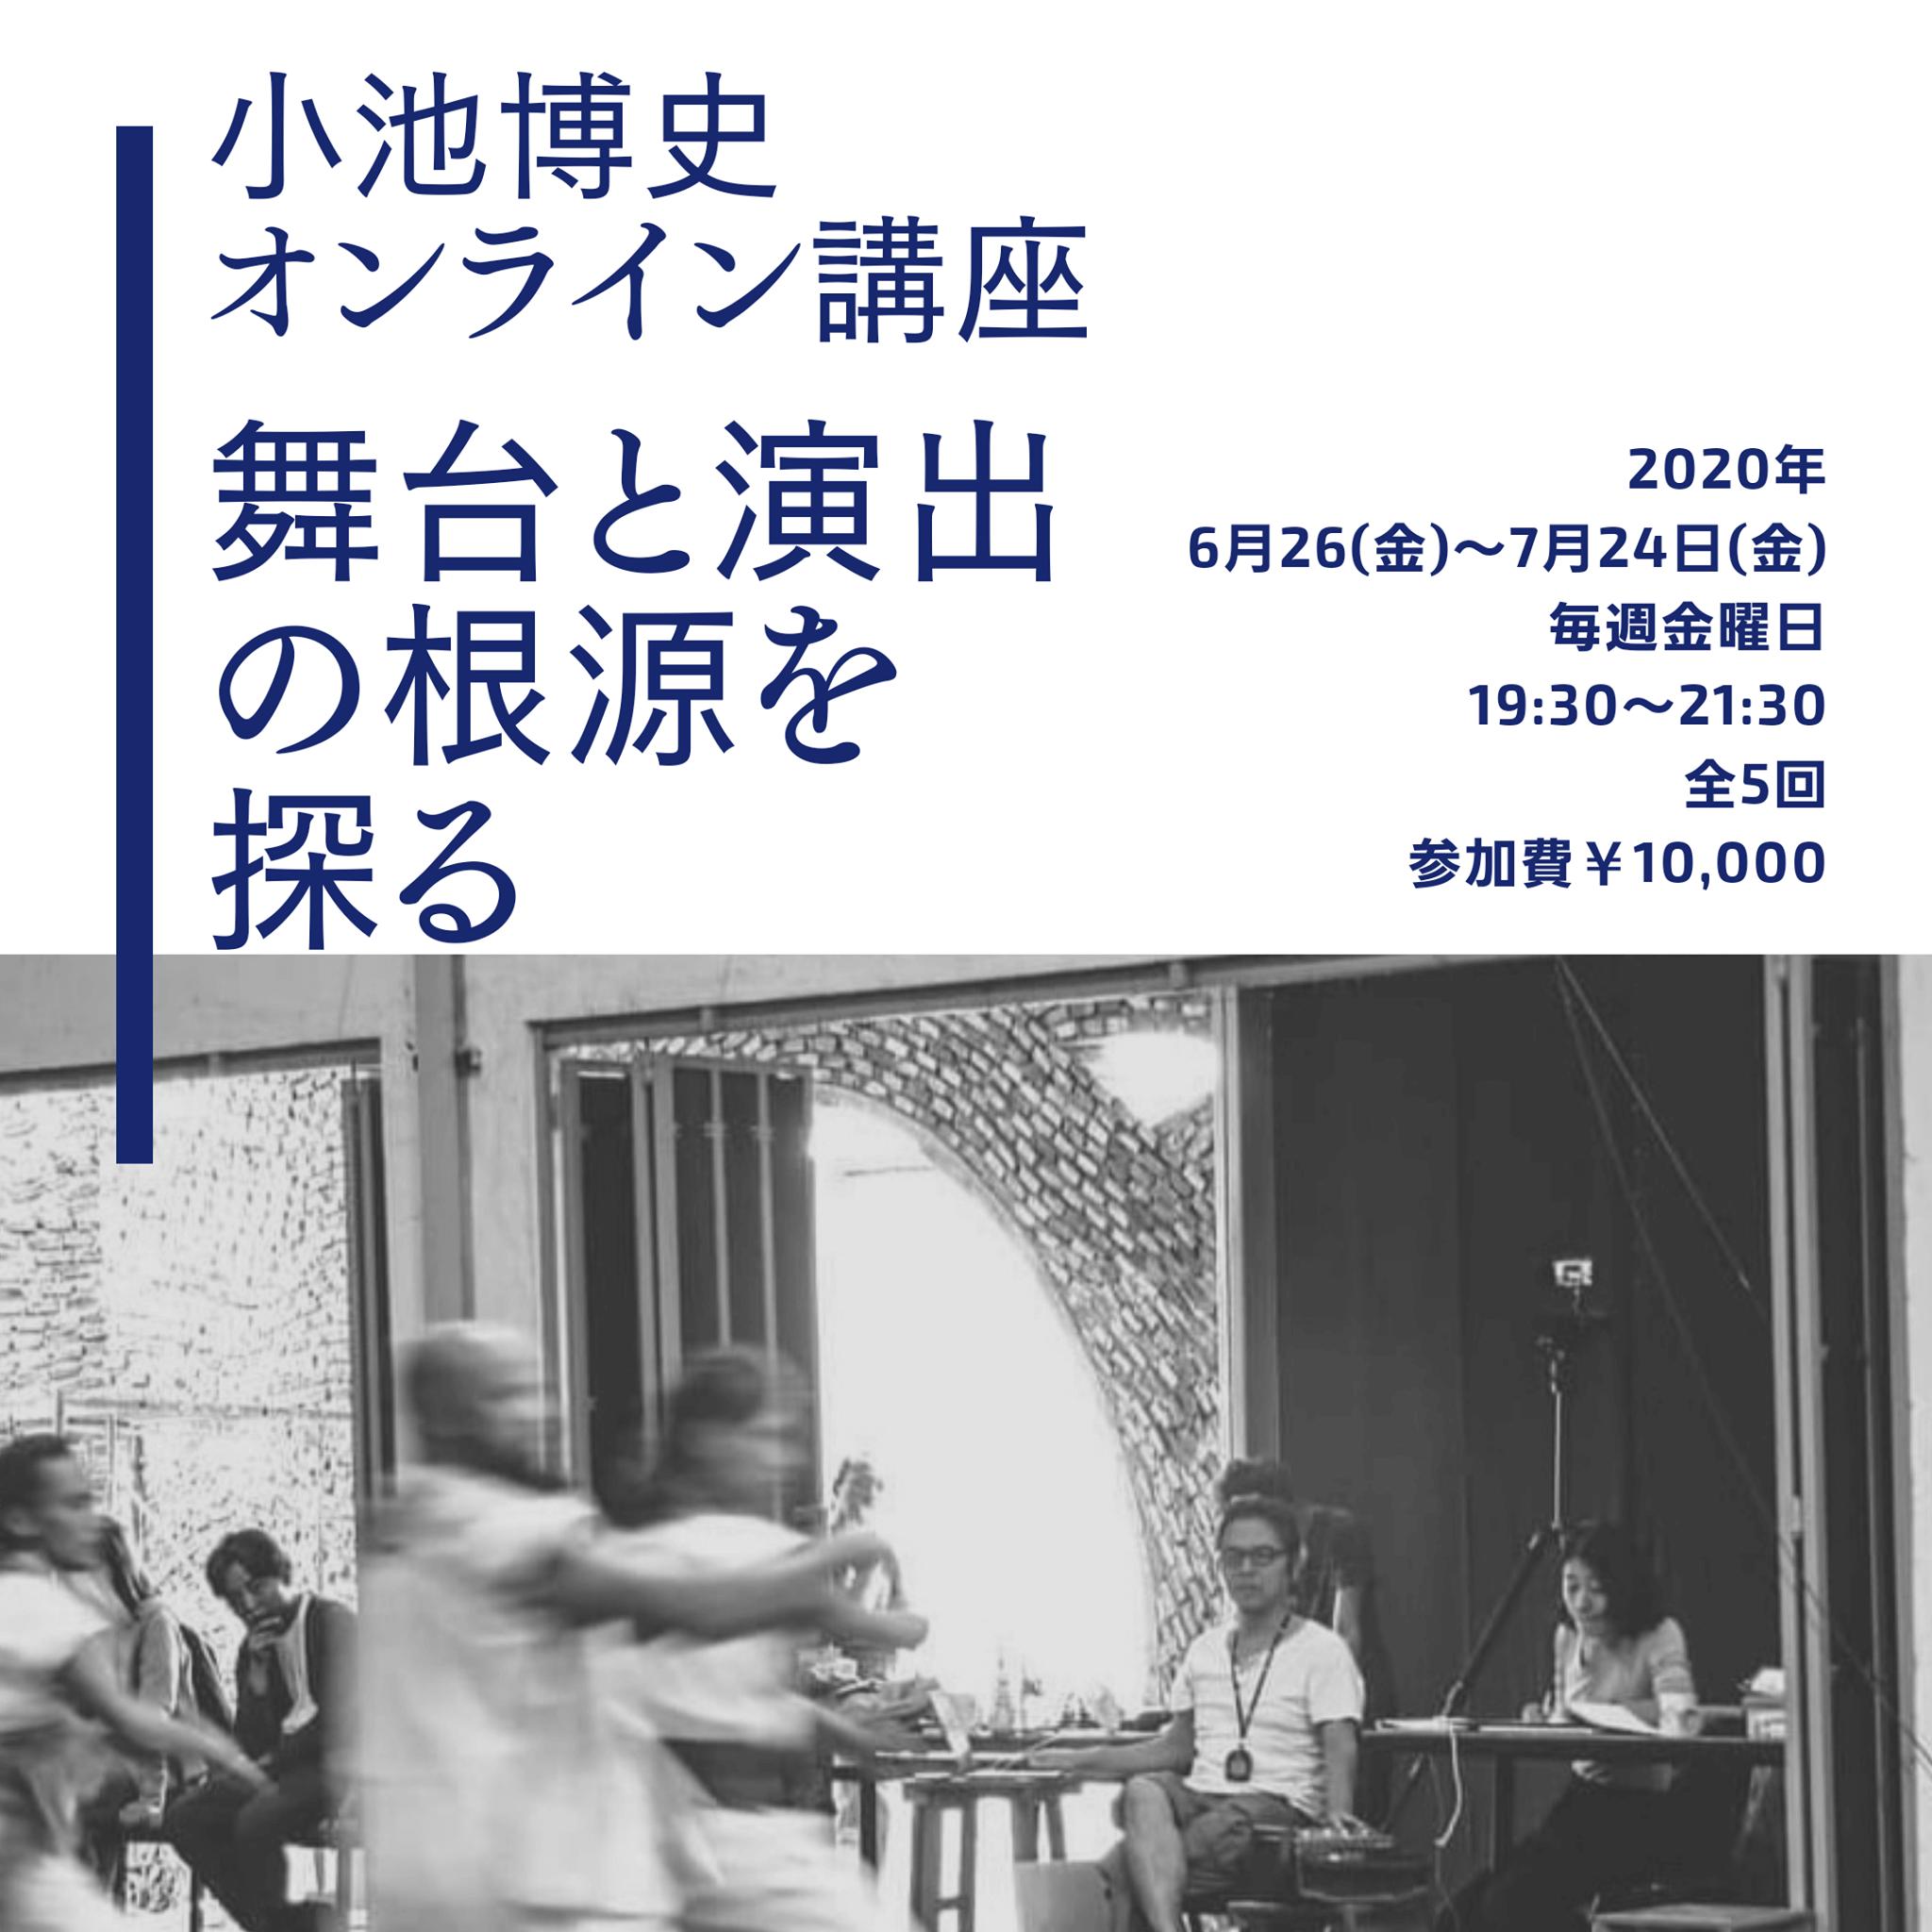 小池博史初オンライン演出講座開催! – Hiroshi Koike Bridge Project